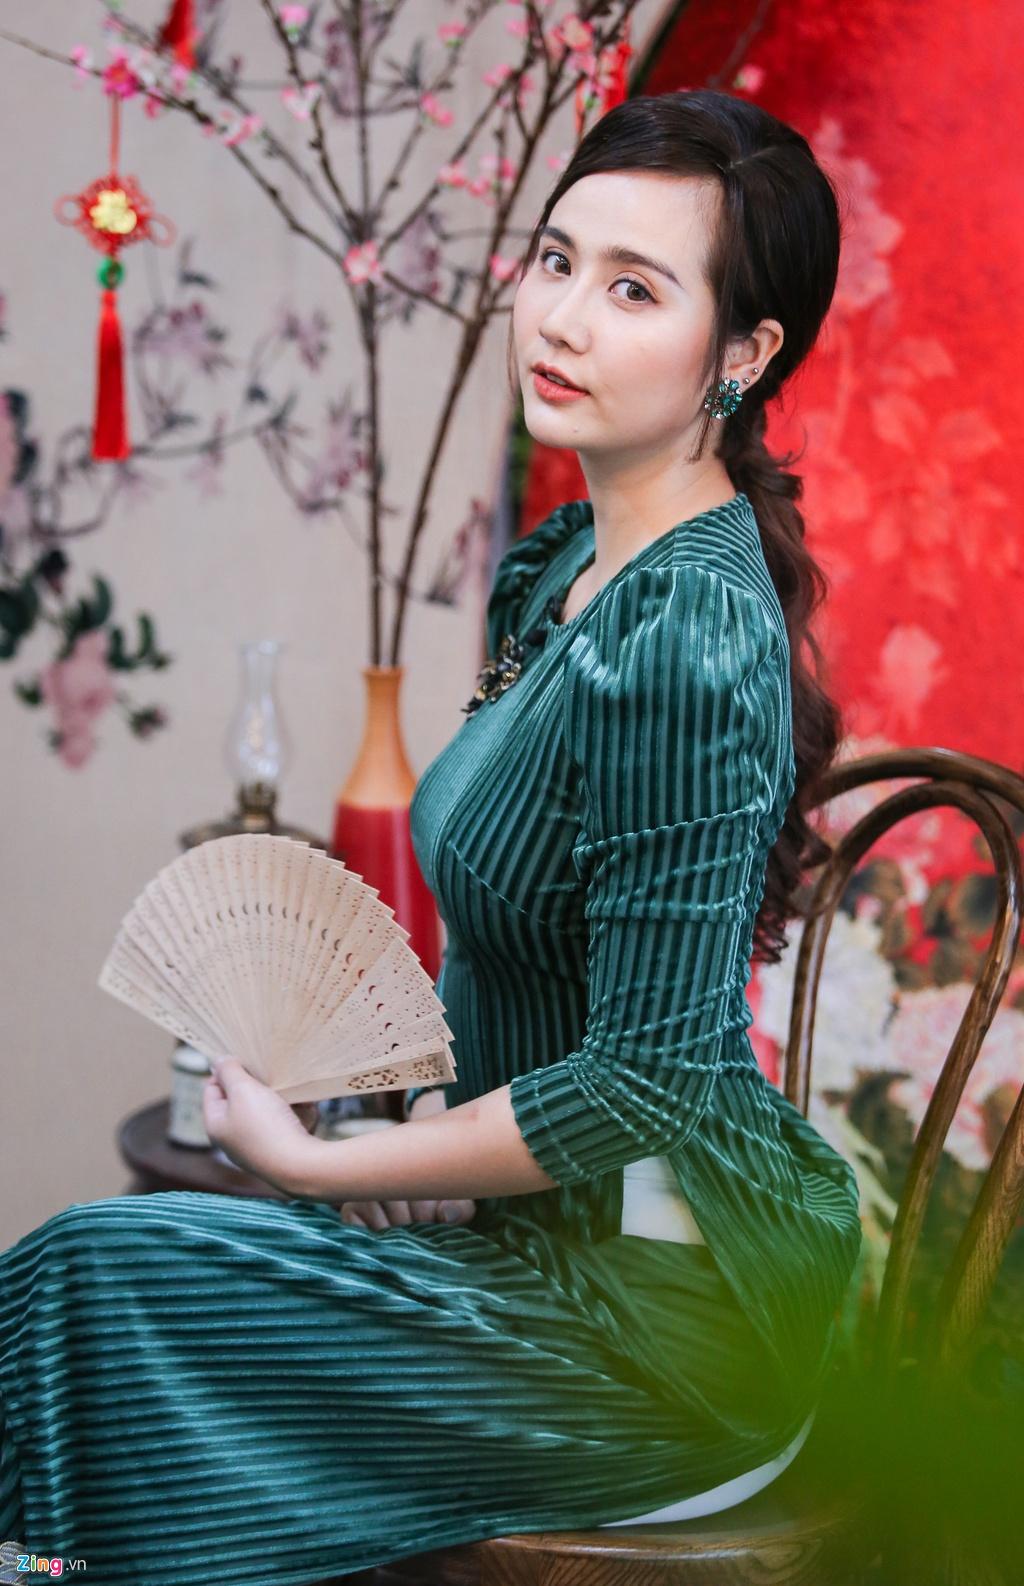 Huyen Lizzie sau ly hon: 'Minh noi loan cung chang sao' hinh anh 3 IMG_1374_zing.jpg